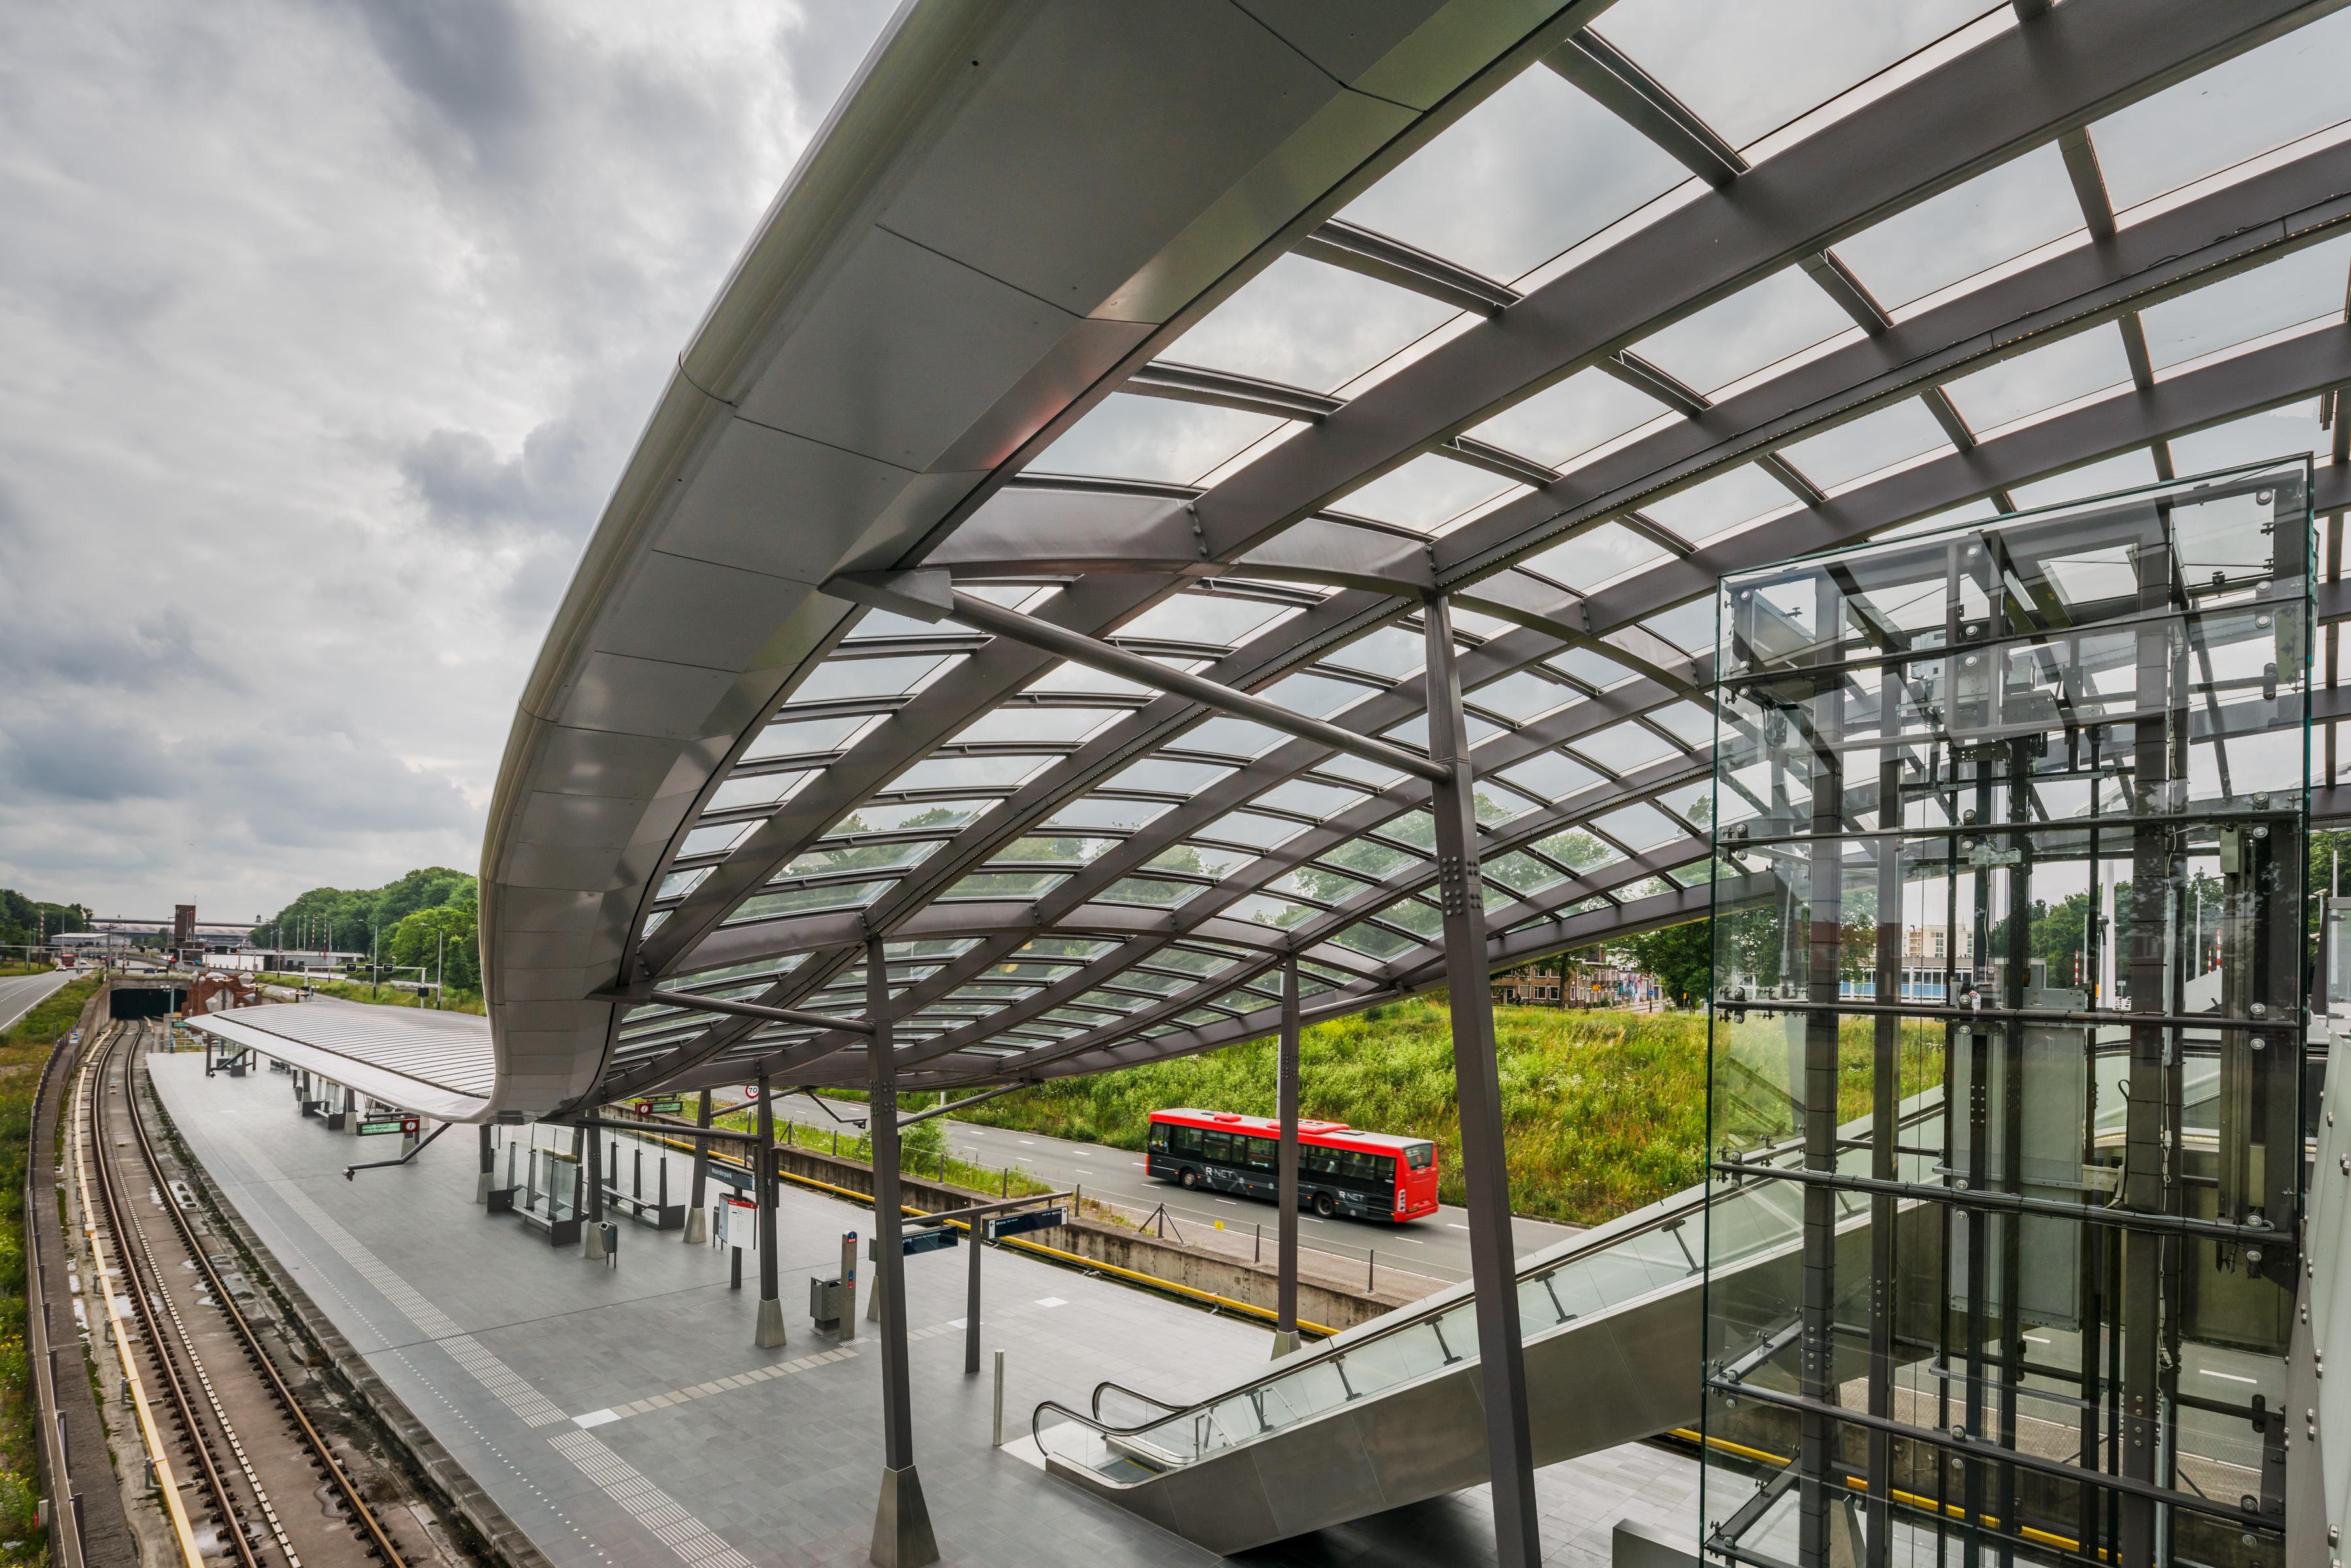 <p>Station Noorderpark: Jannes Linders</p>